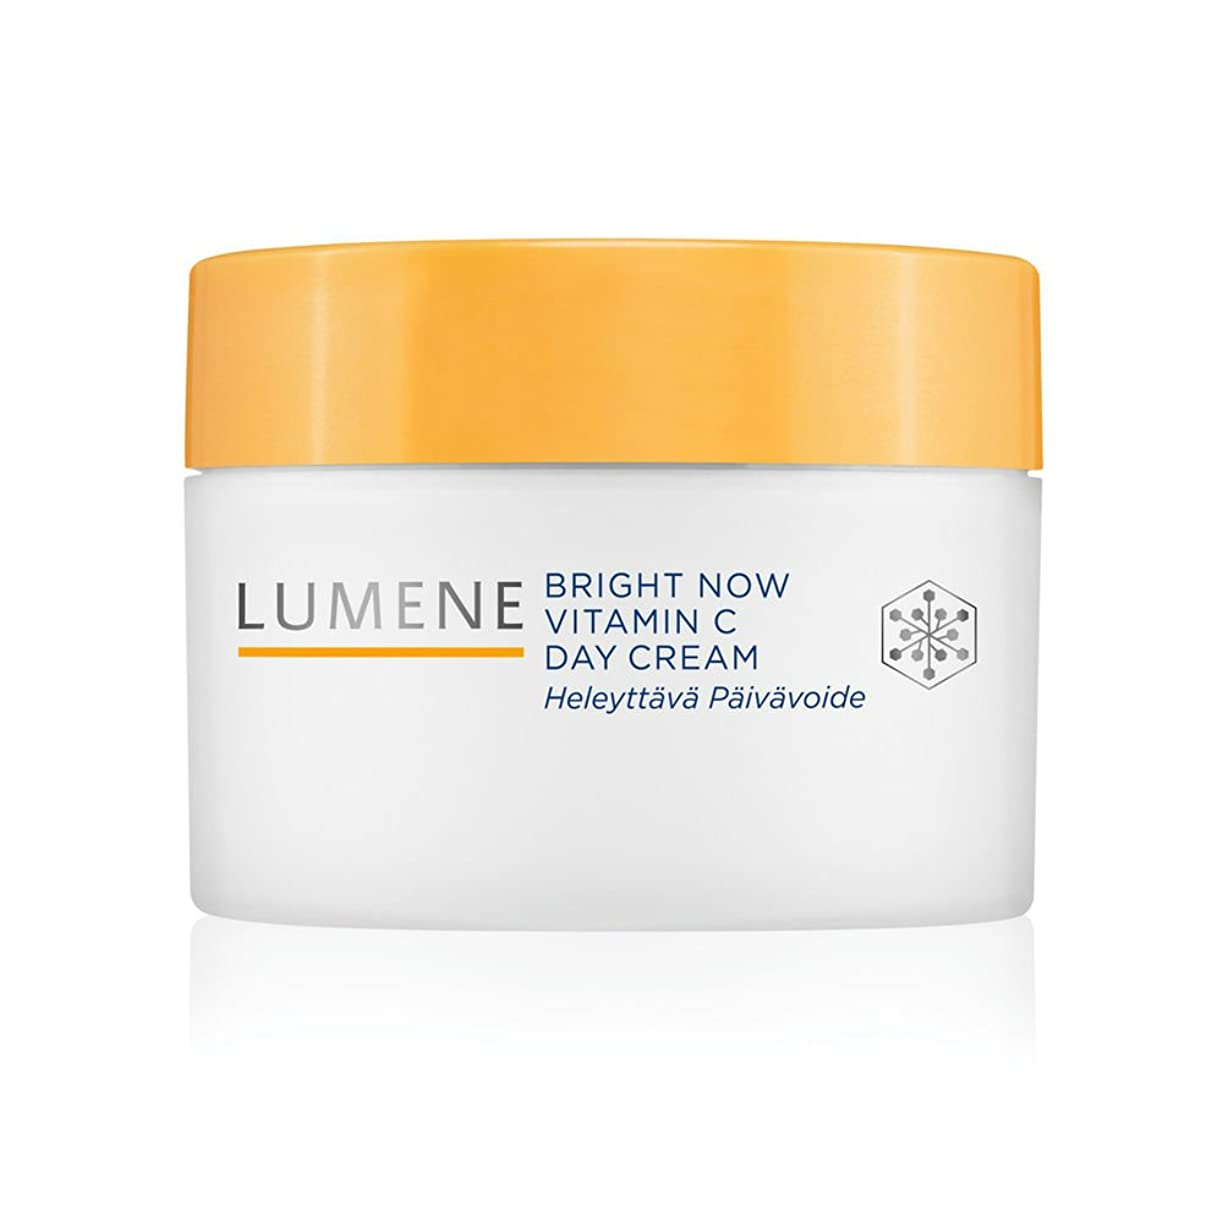 パドル死んでいる実際Lumene Bright Now Vitamin C Day Cream, Large 100ml [海外直送品]